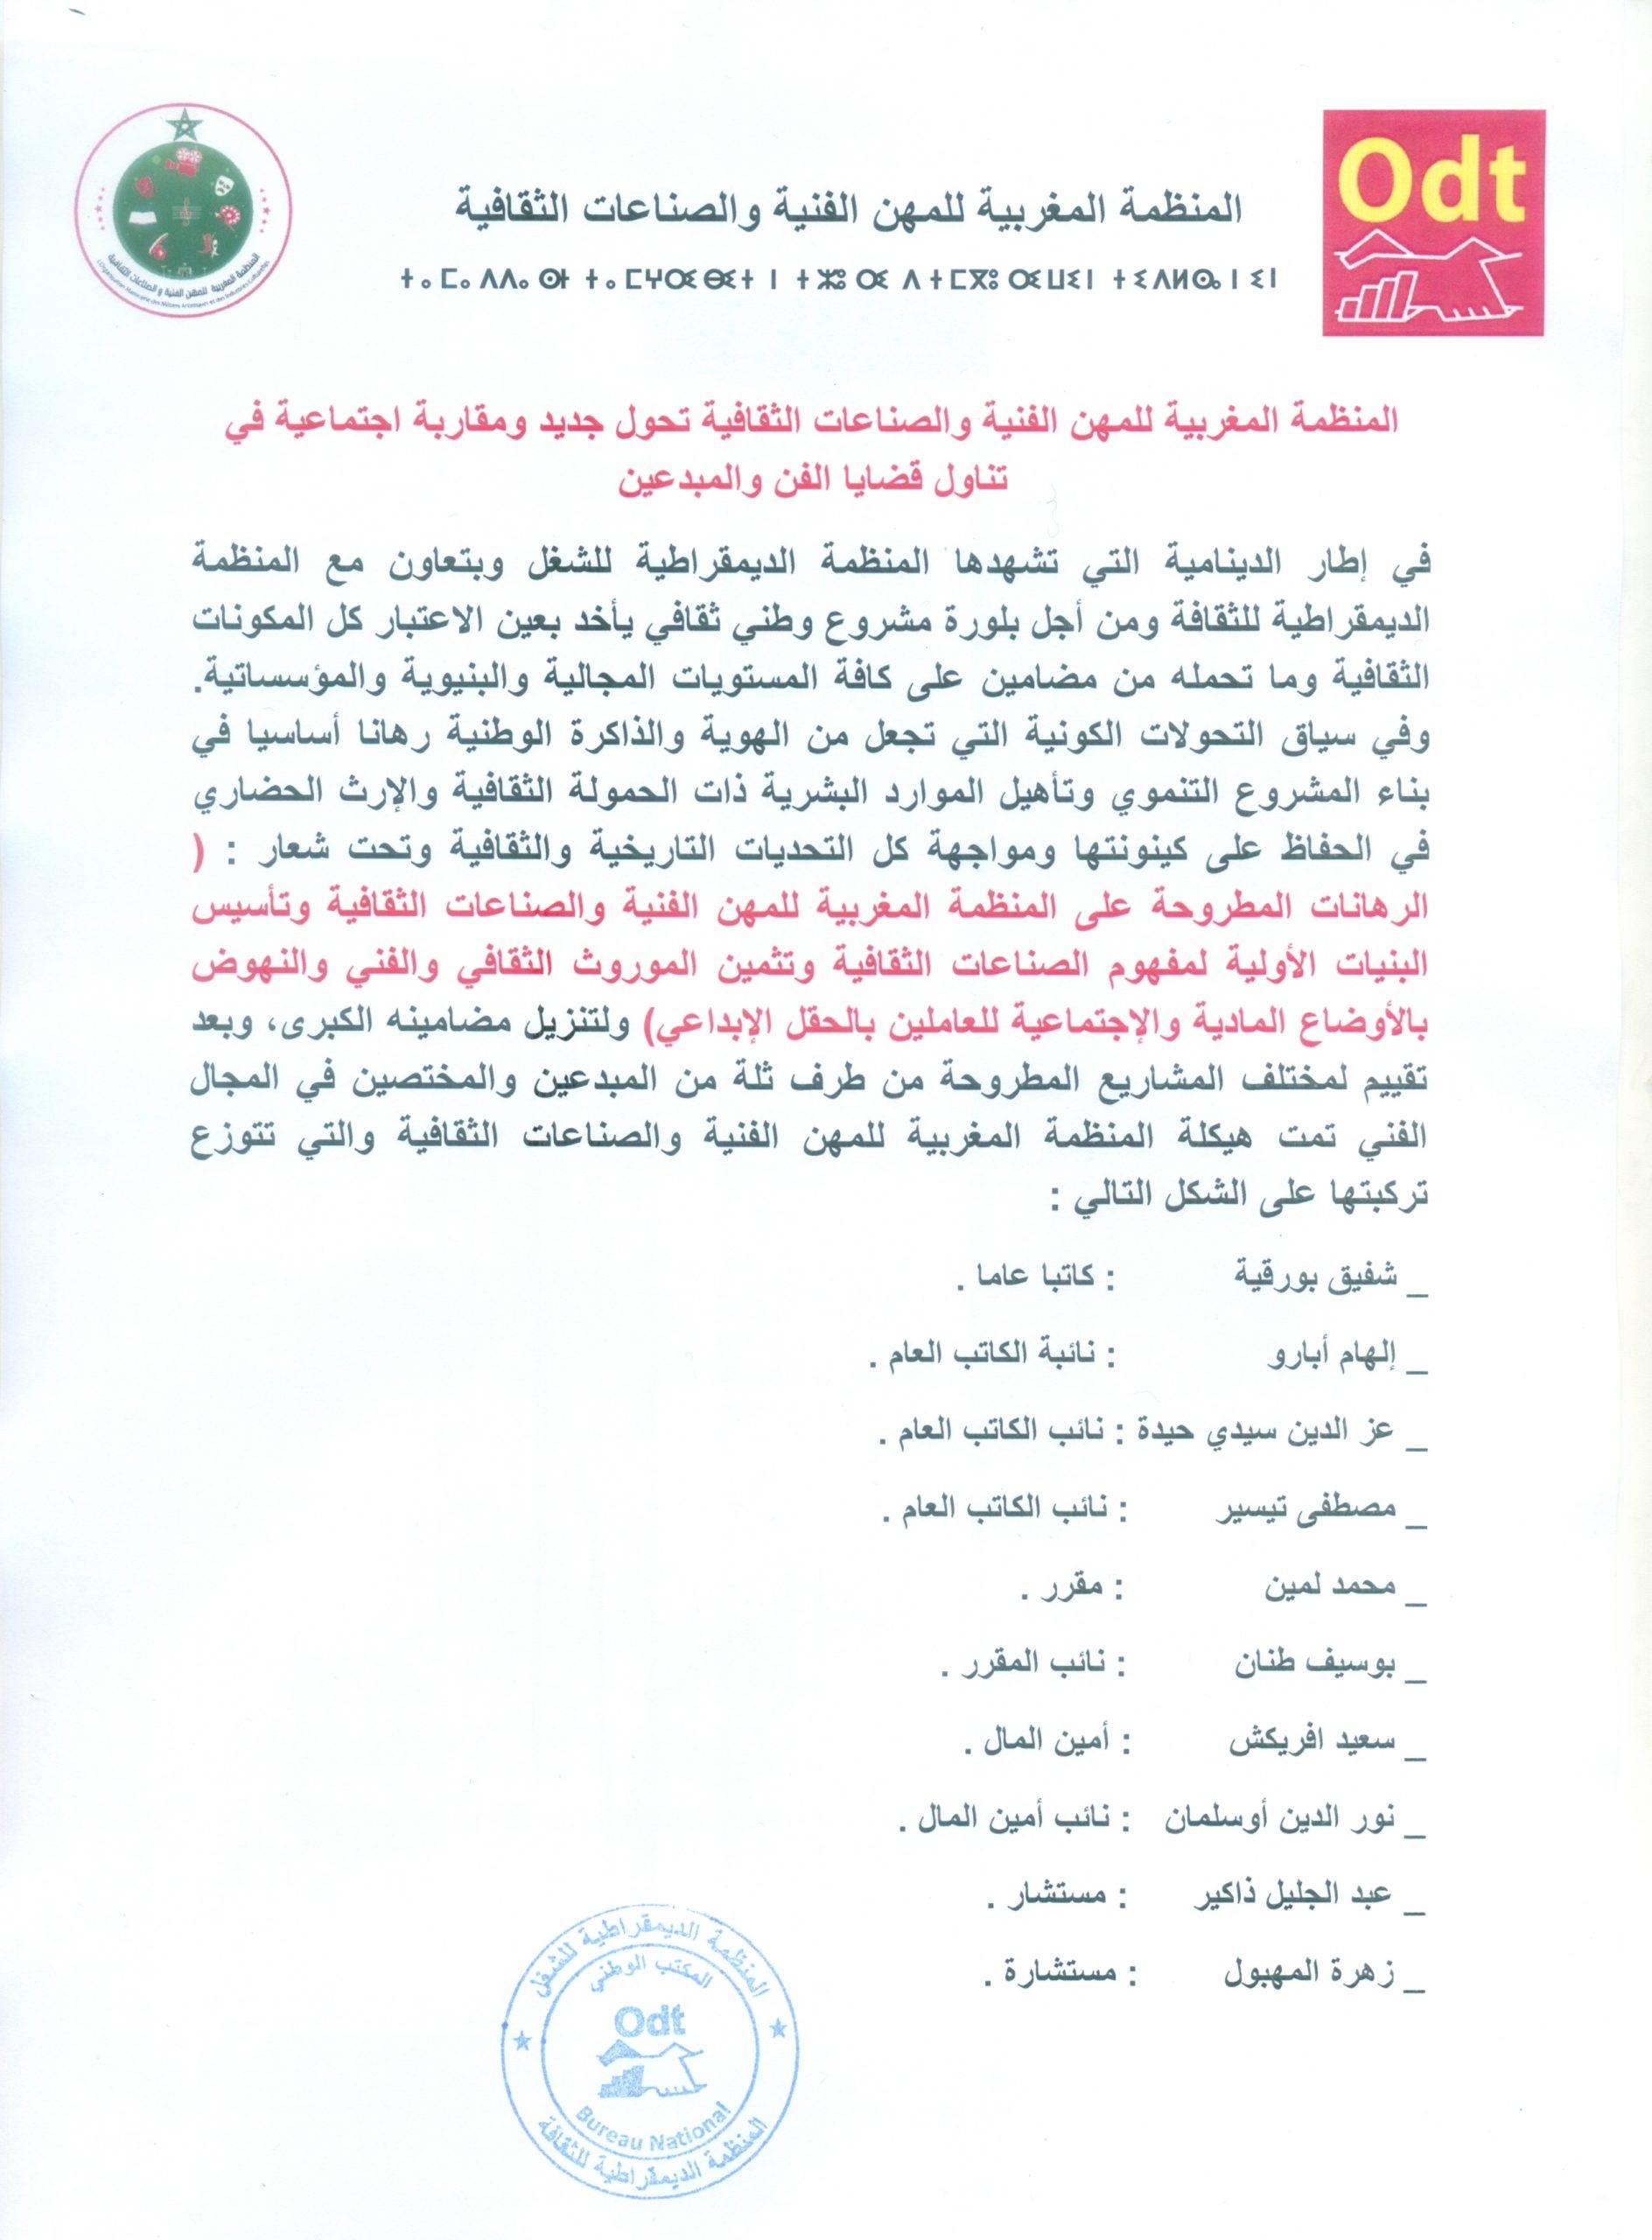 المنظمة الديمقراطية للشغل تعزز صفوفها بتأسيس المنظمة المغربية للمهن الفنية والصناعات الثقافية